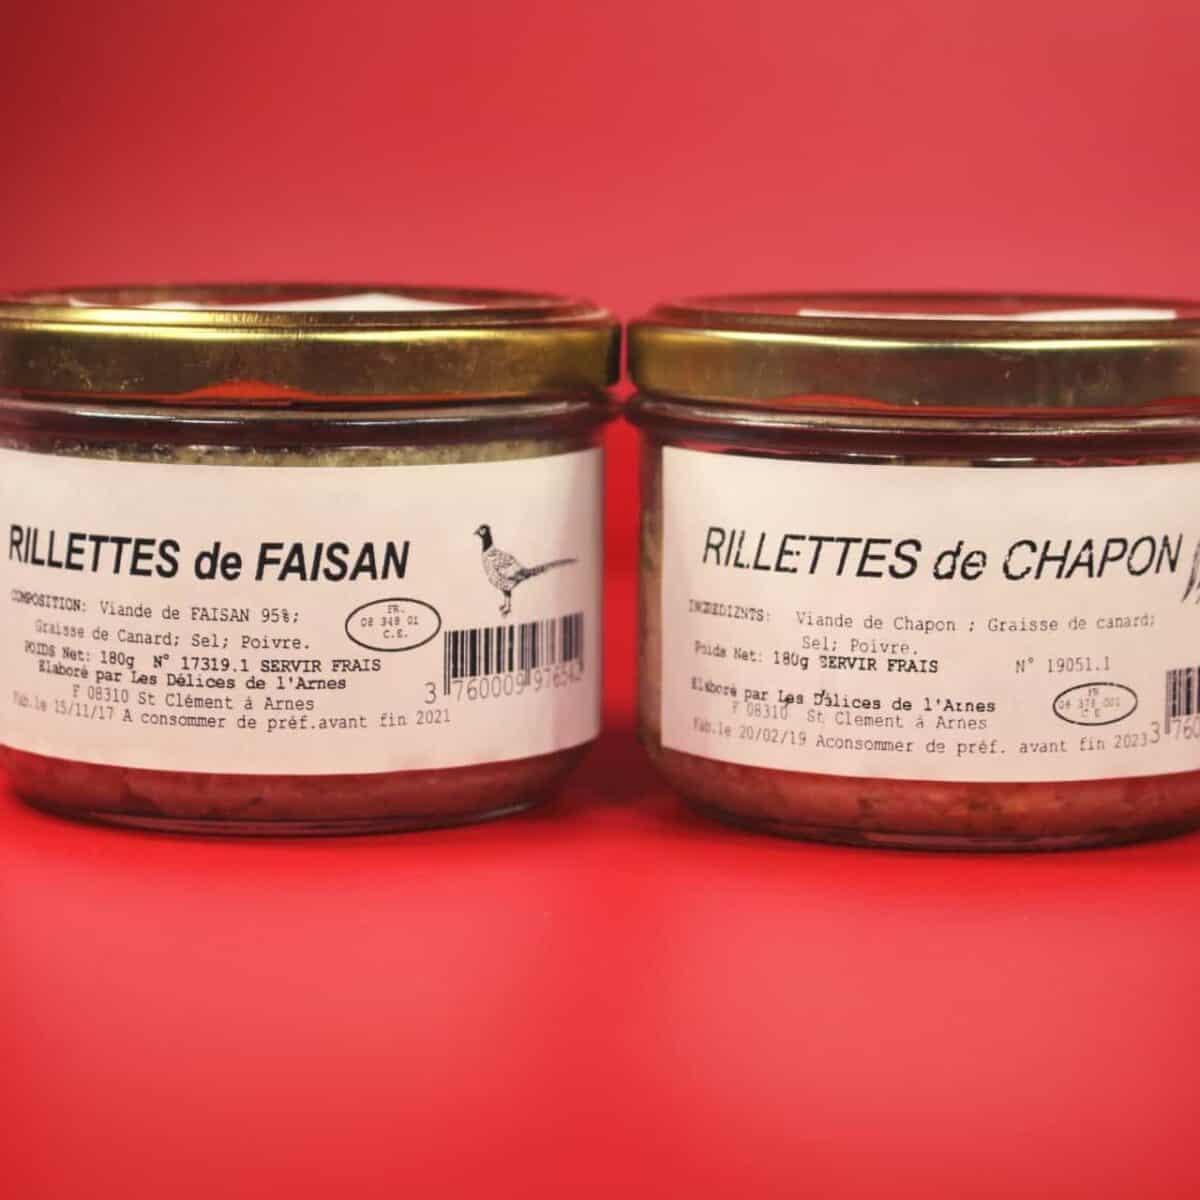 Rillettes, Faisan, Chapon, Ardennes, Terroir, Arnes, Délice, Vat